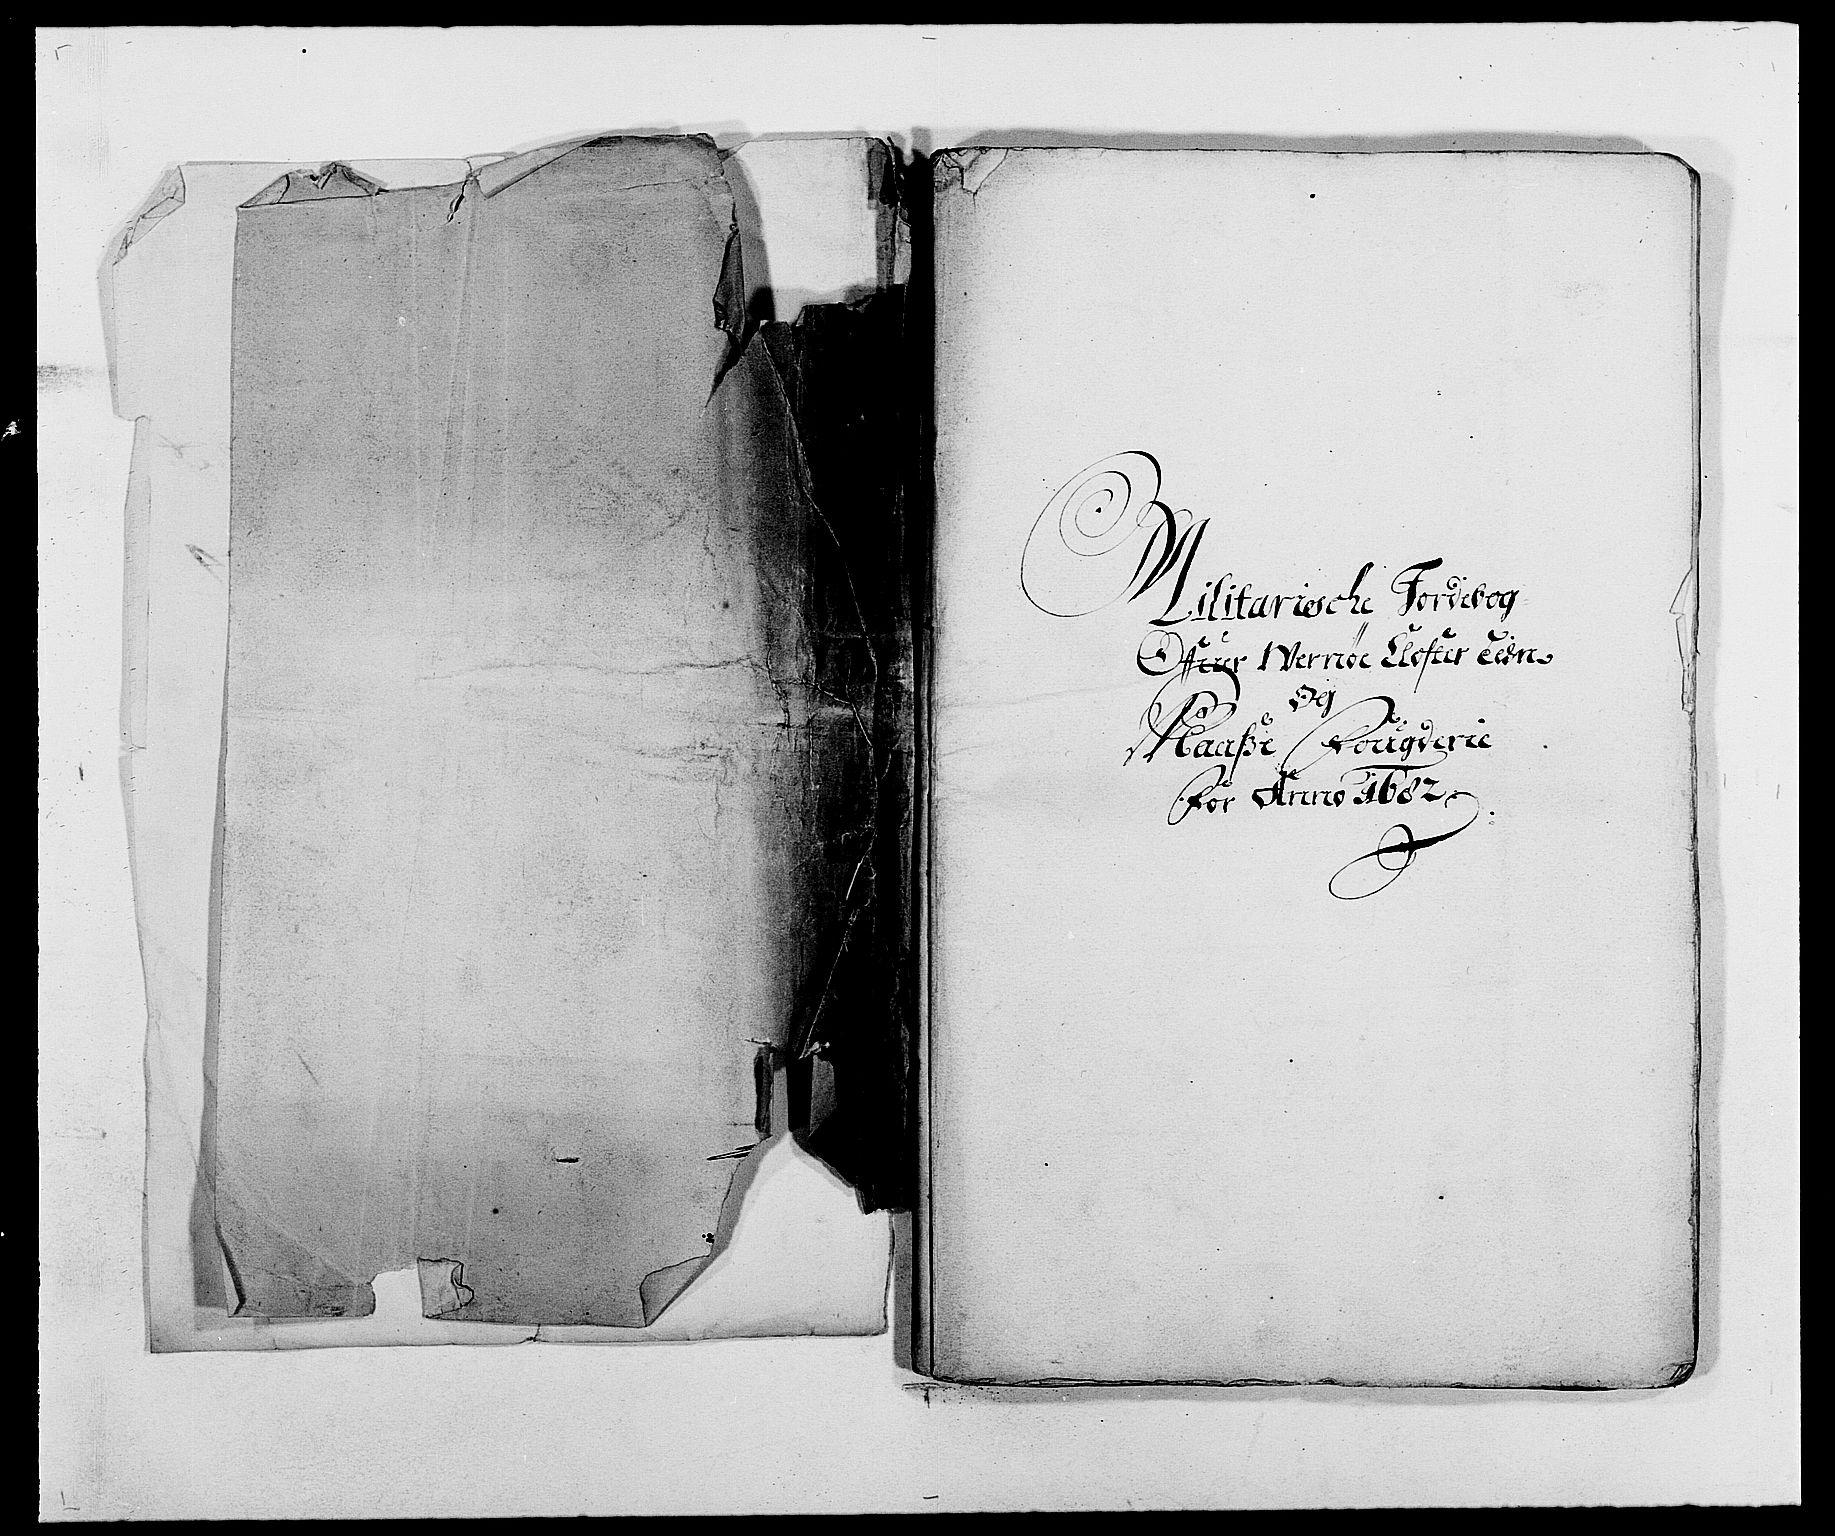 RA, Rentekammeret inntil 1814, Reviderte regnskaper, Fogderegnskap, R02/L0104: Fogderegnskap Moss og Verne kloster, 1682-1684, s. 25